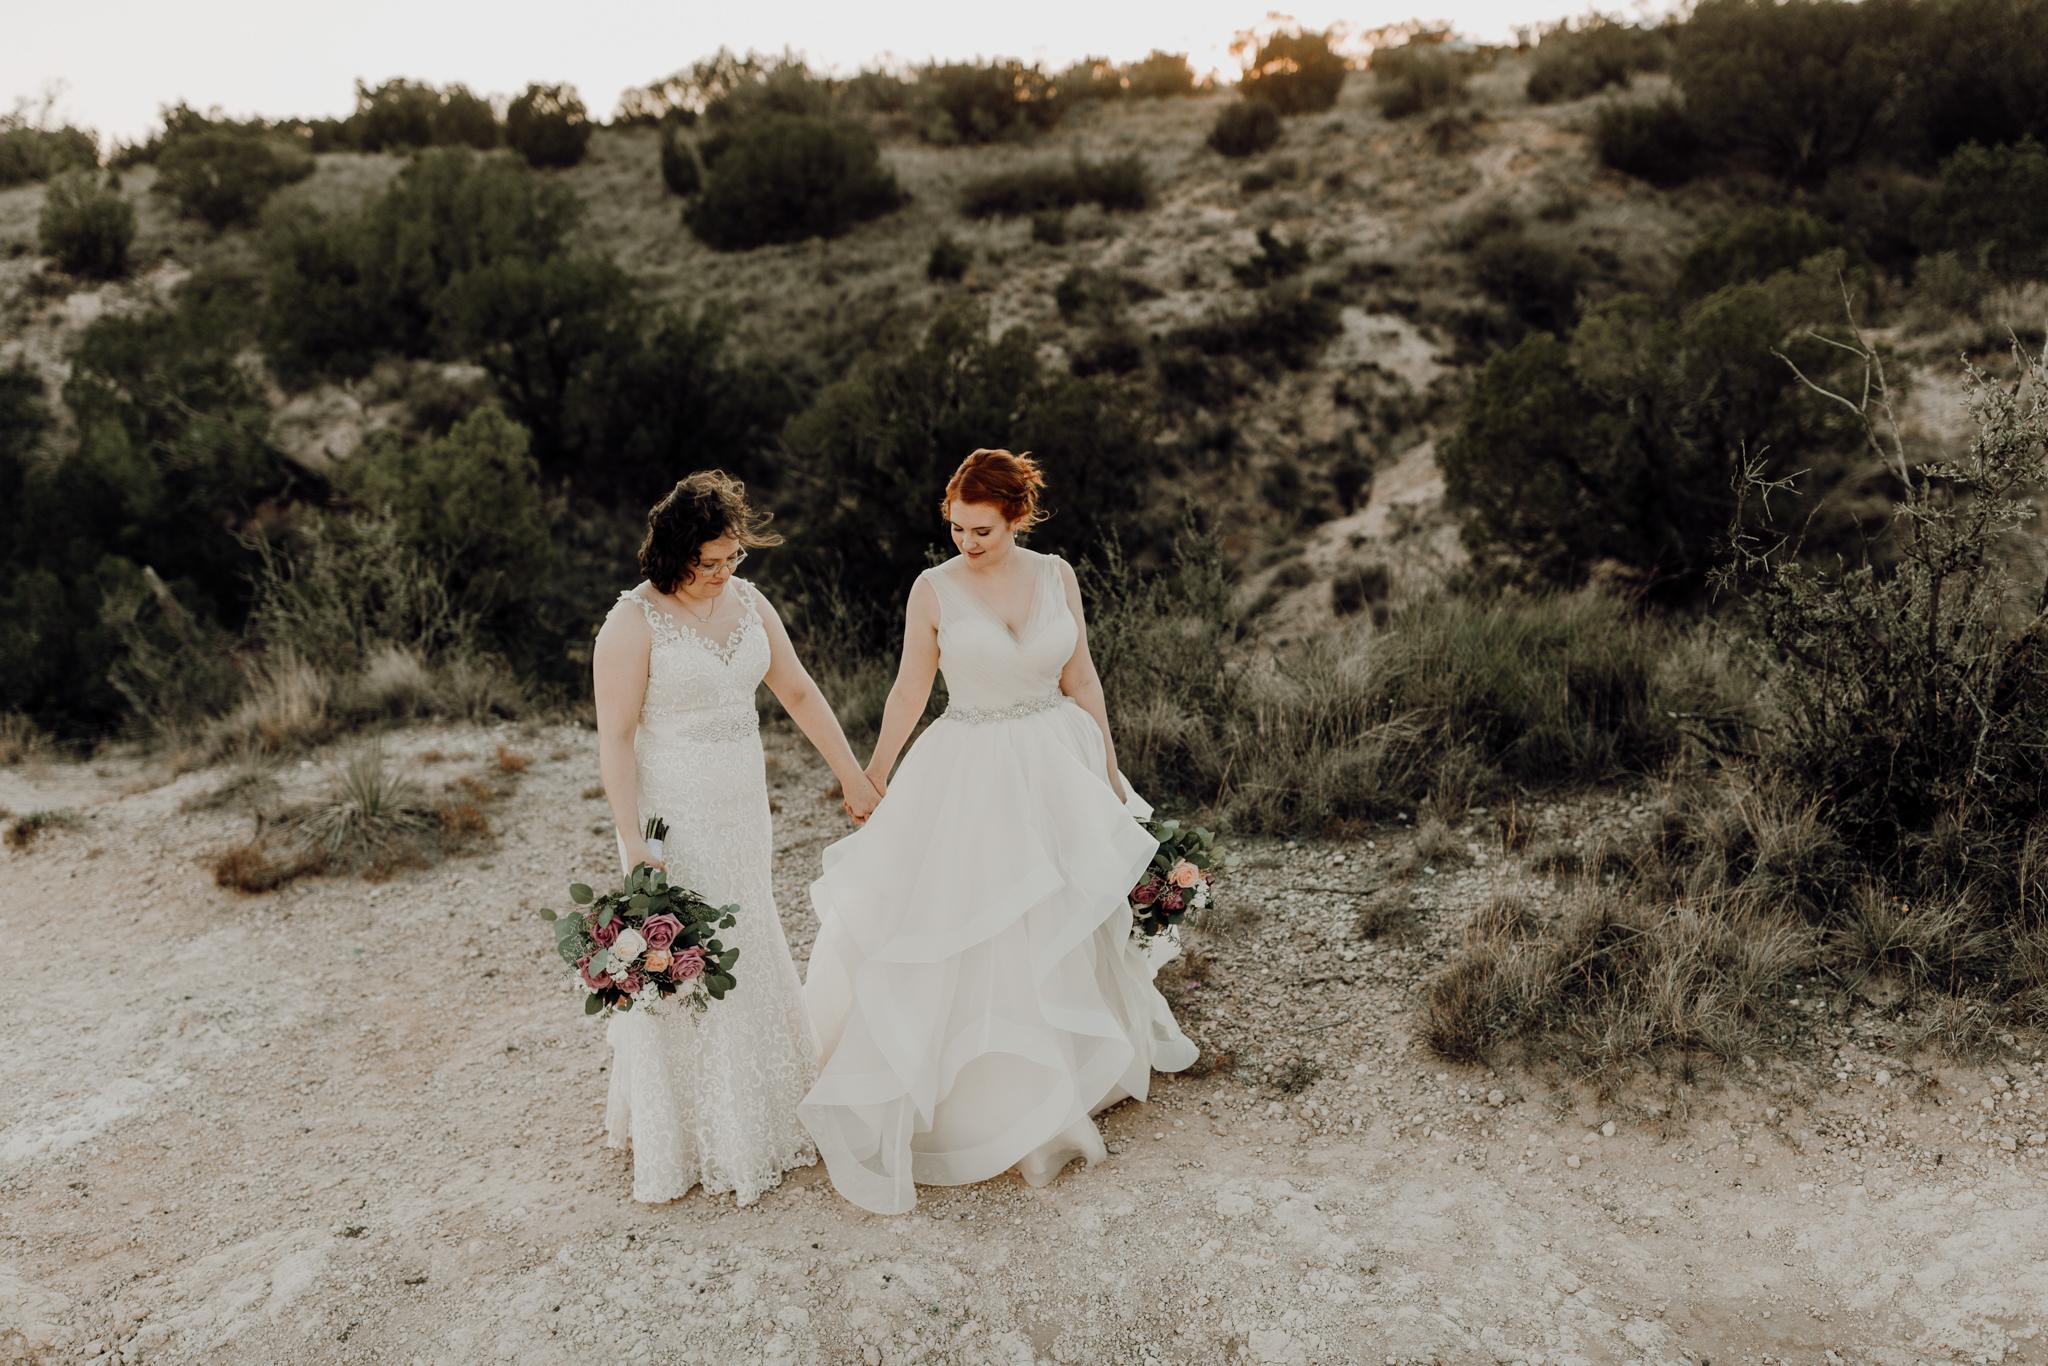 Texas Wedding Photographer-Palo Duro Canyon Sam Sex Wedding- Houston Wedding Photographer -Kristen Giles Photography-36.jpg